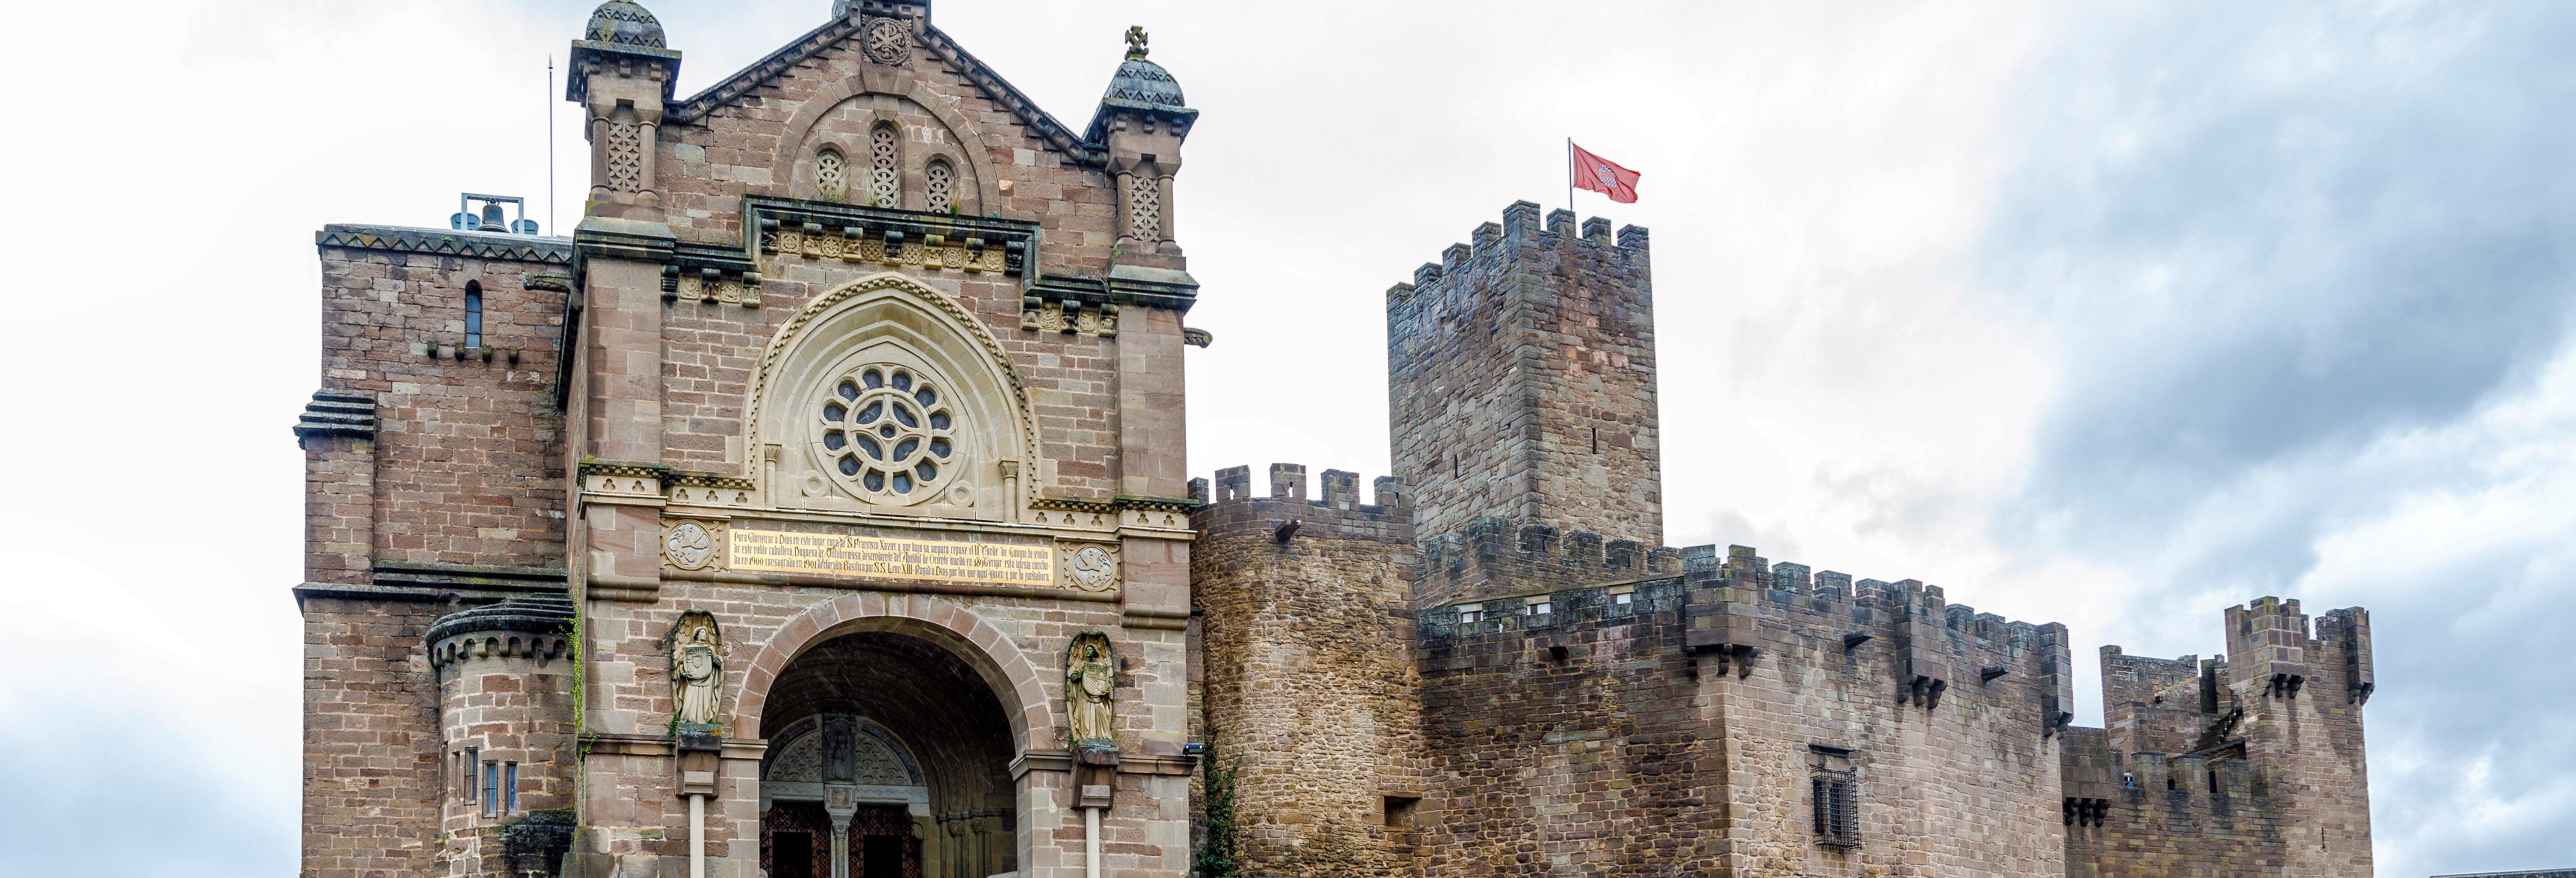 Olite, monasterio de Leyre, castillo de Javier y Ujué